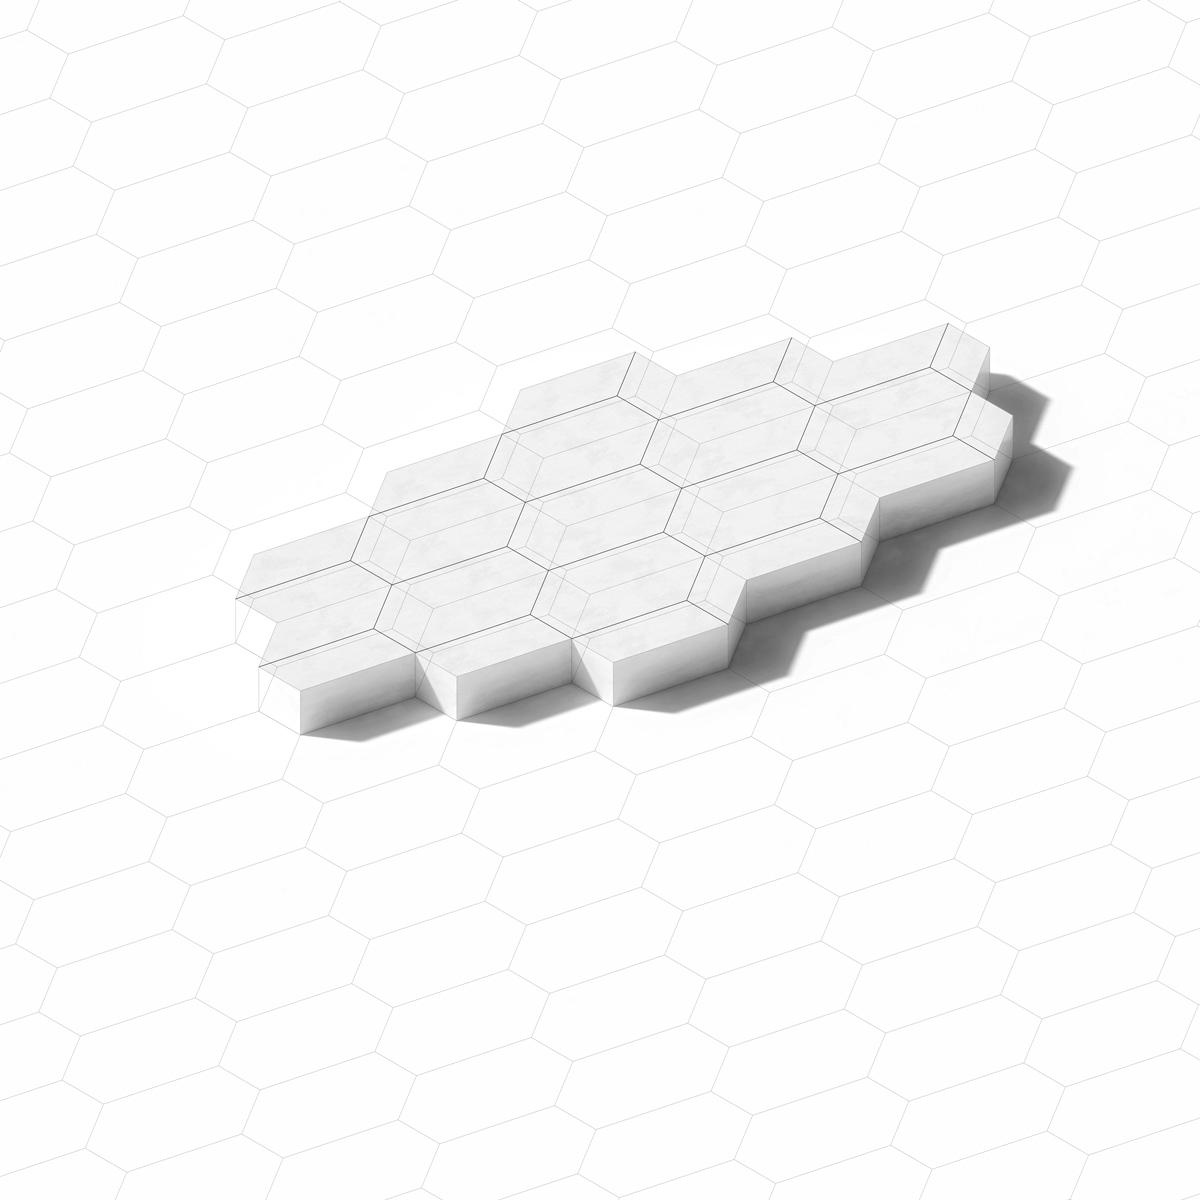 cluster--04.jpg